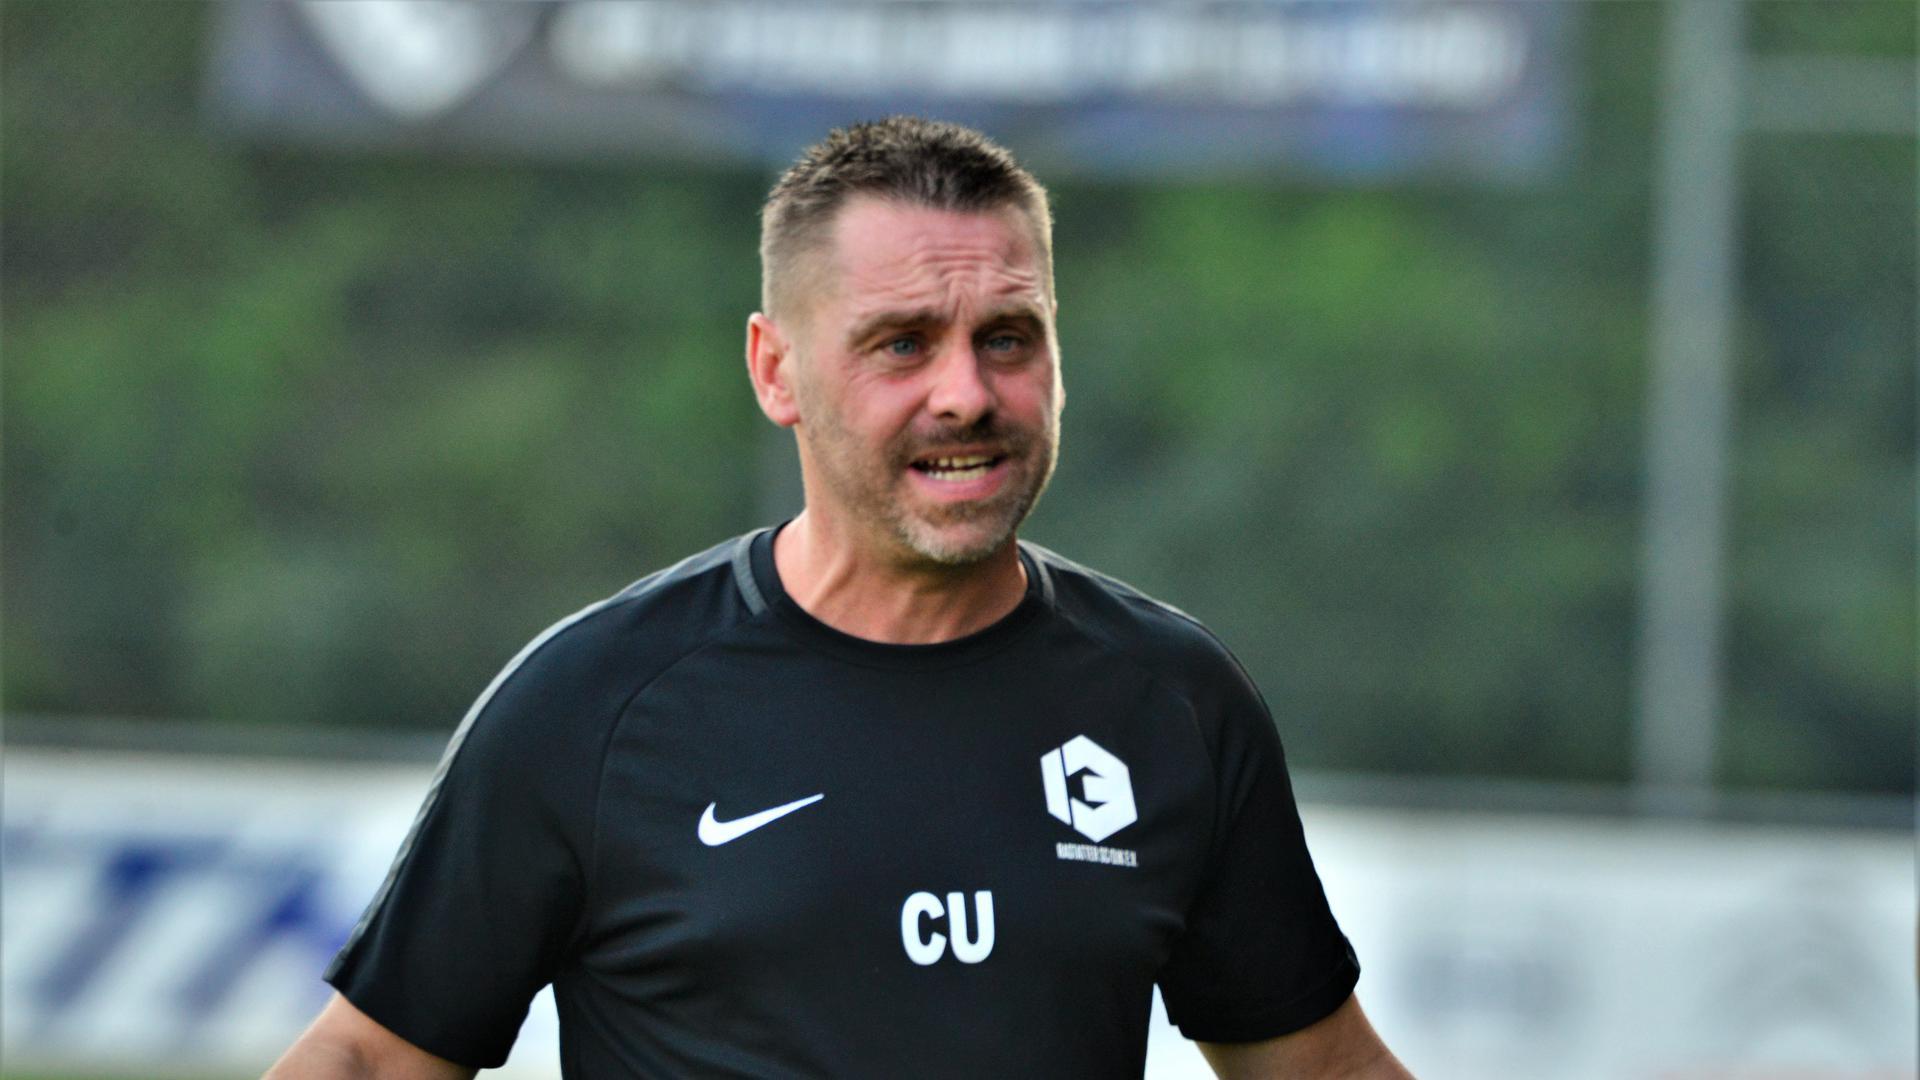 24 Aug 19 Fussball Trainer SC DJK Unic Christian Bezirksliga 4